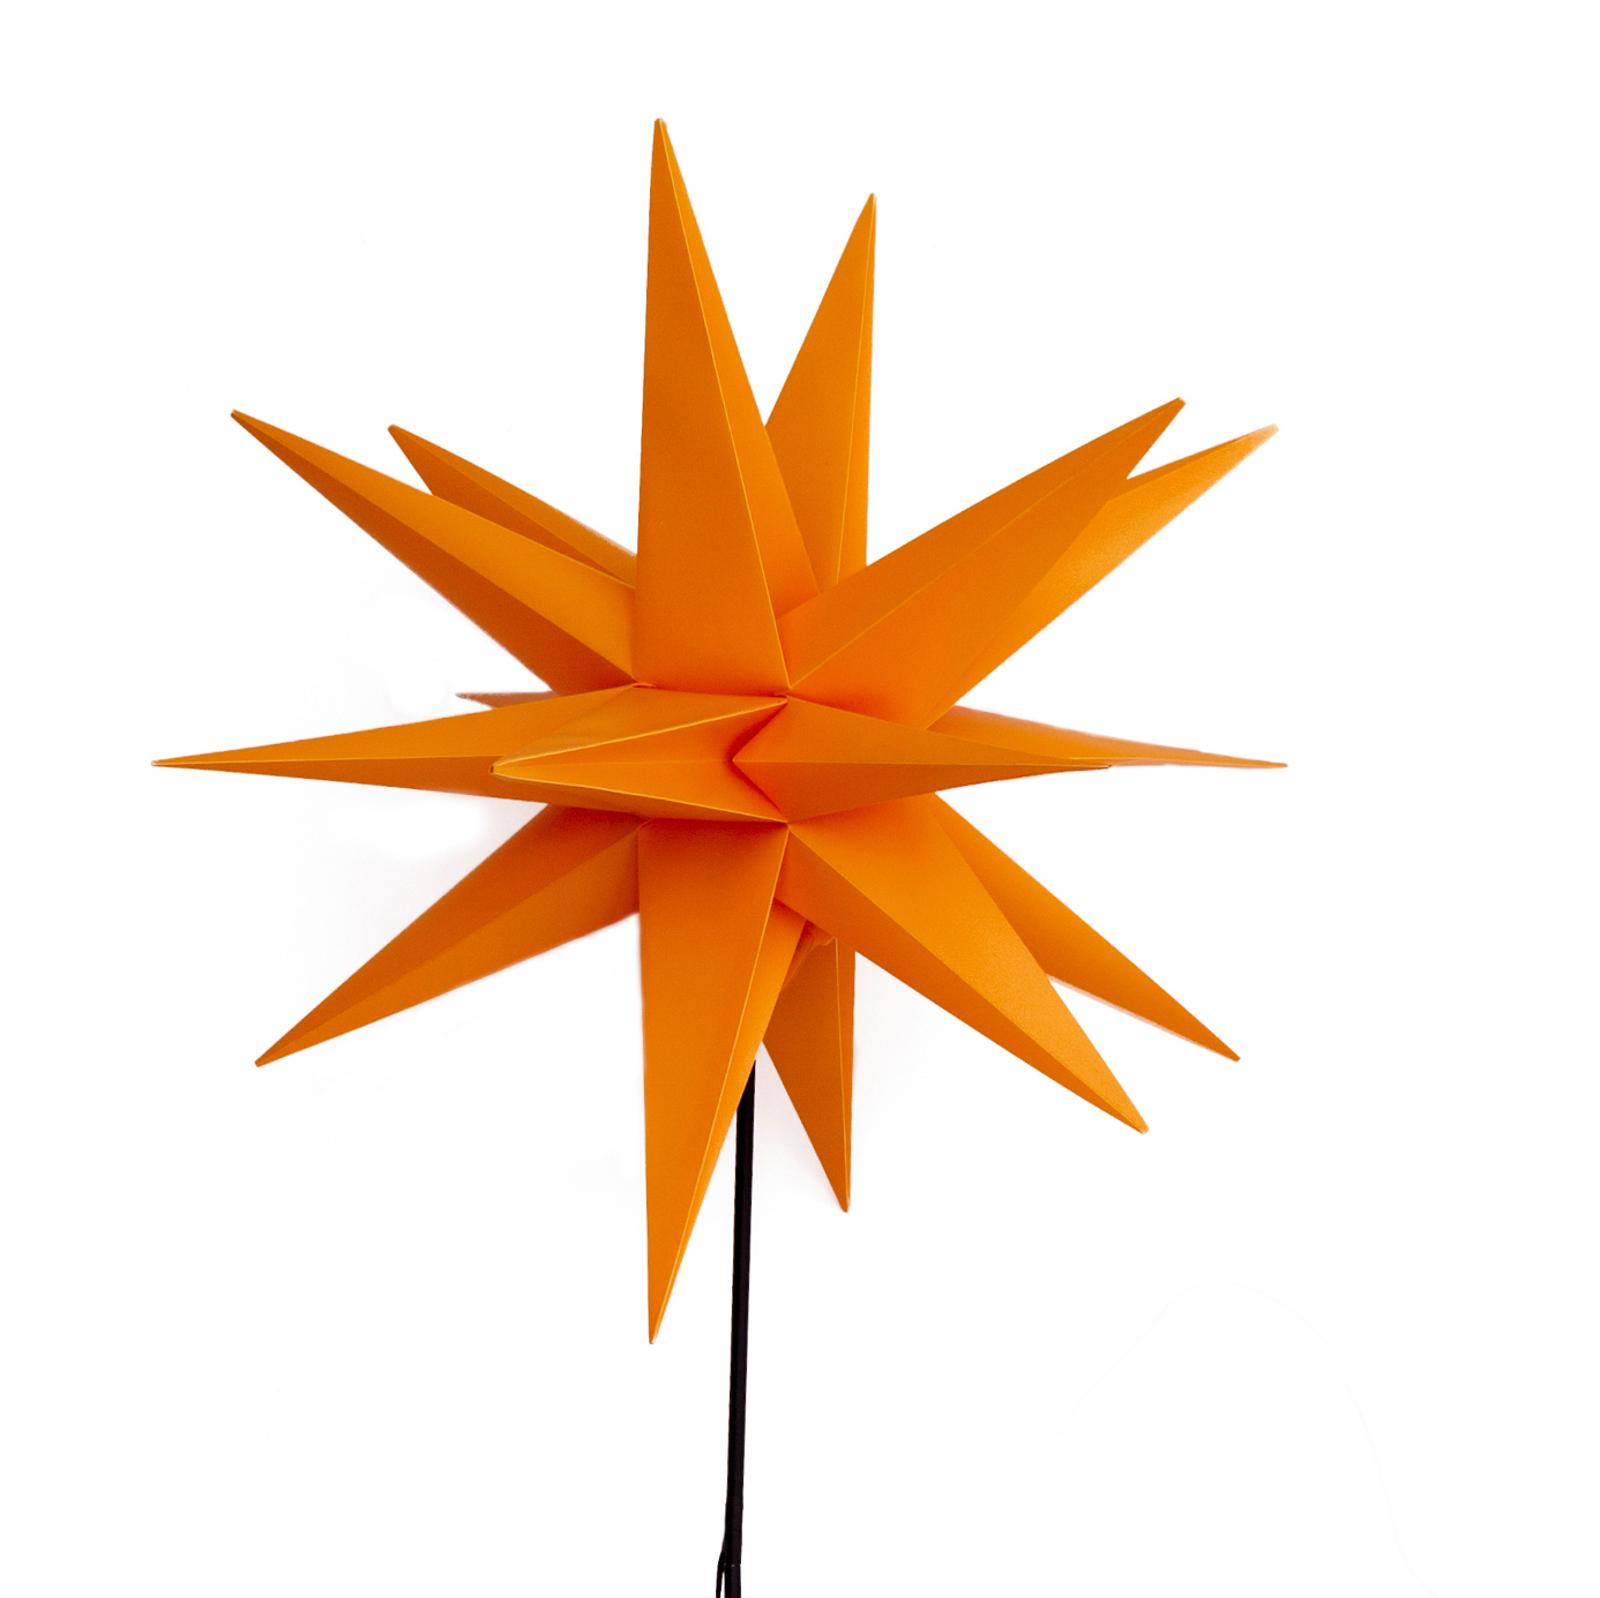 LED-Stern für außen, mit Erdspieß, Ø 55 cm, gelb